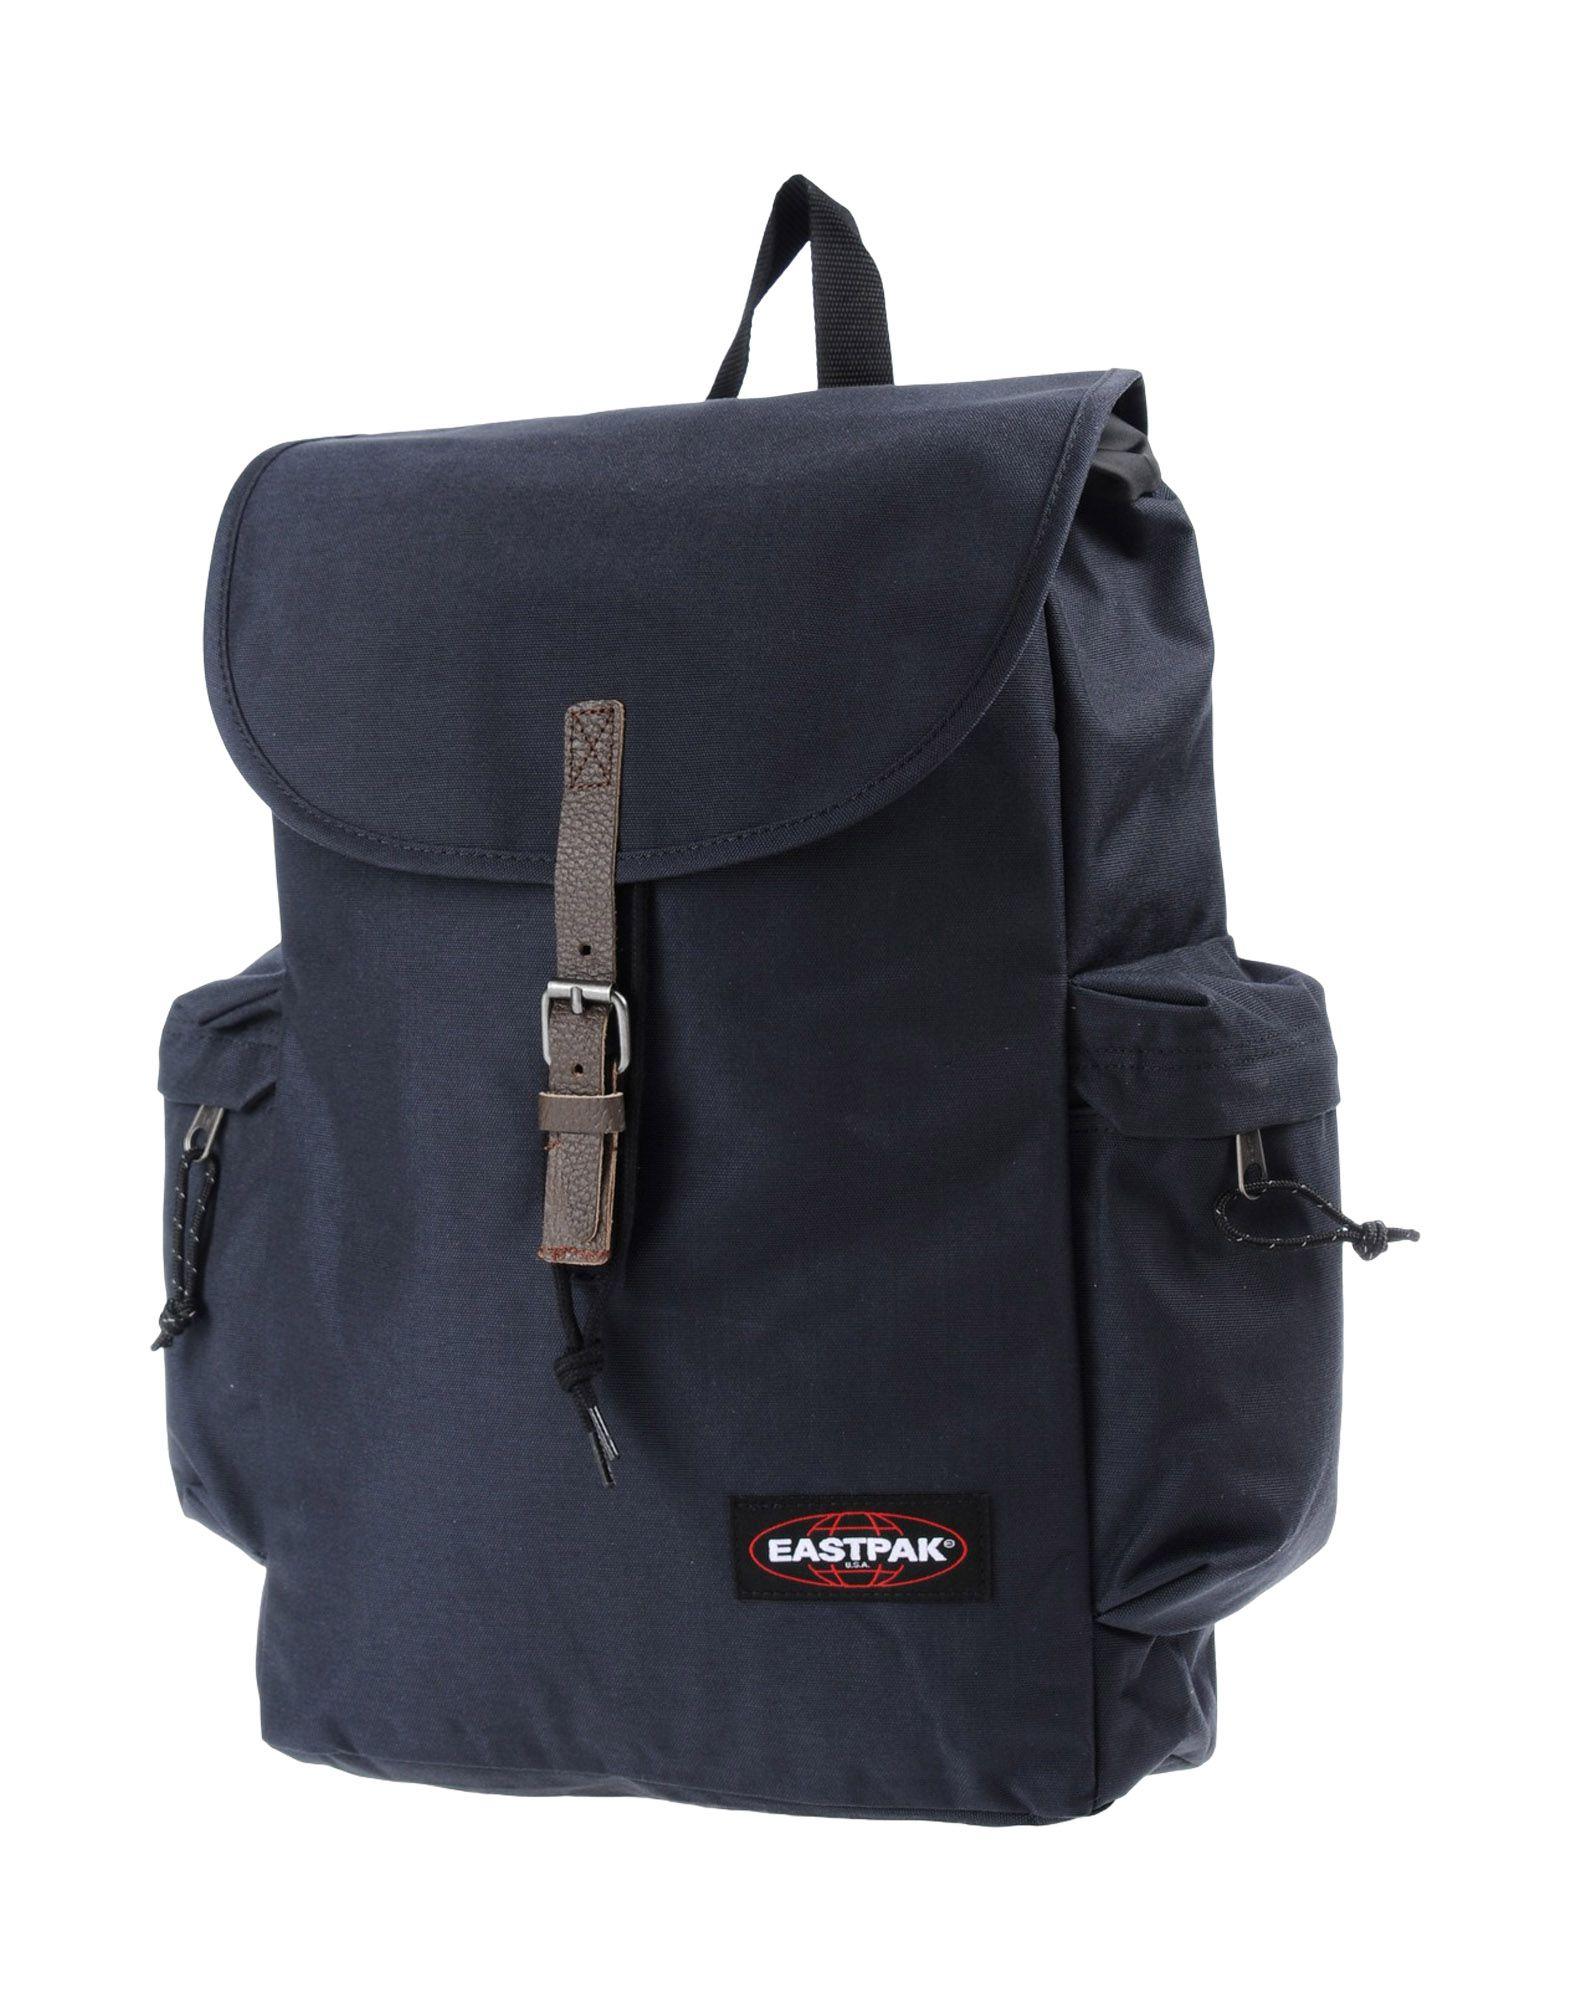 《送料無料》EASTPAK Unisex バックパック&ヒップバッグ ダークブルー 紡績繊維 / 牛革(カーフ)